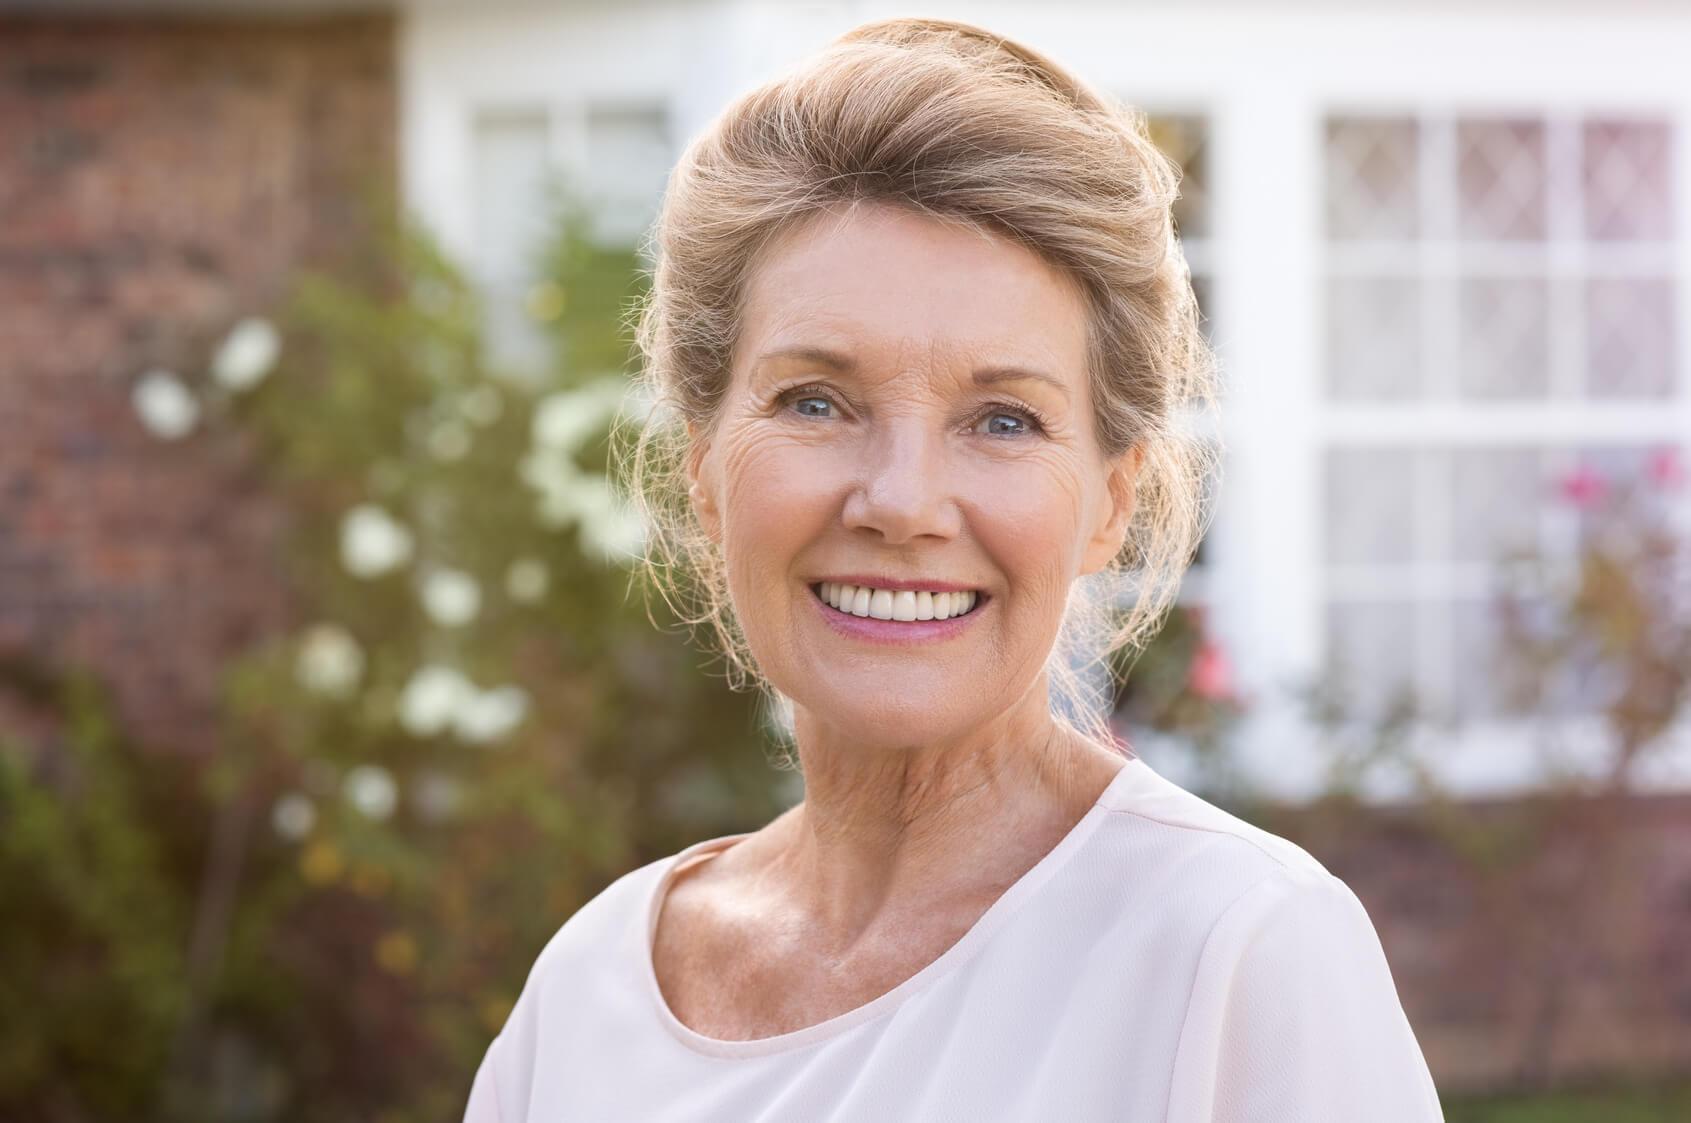 Older lady smiling after having dental implant treatment